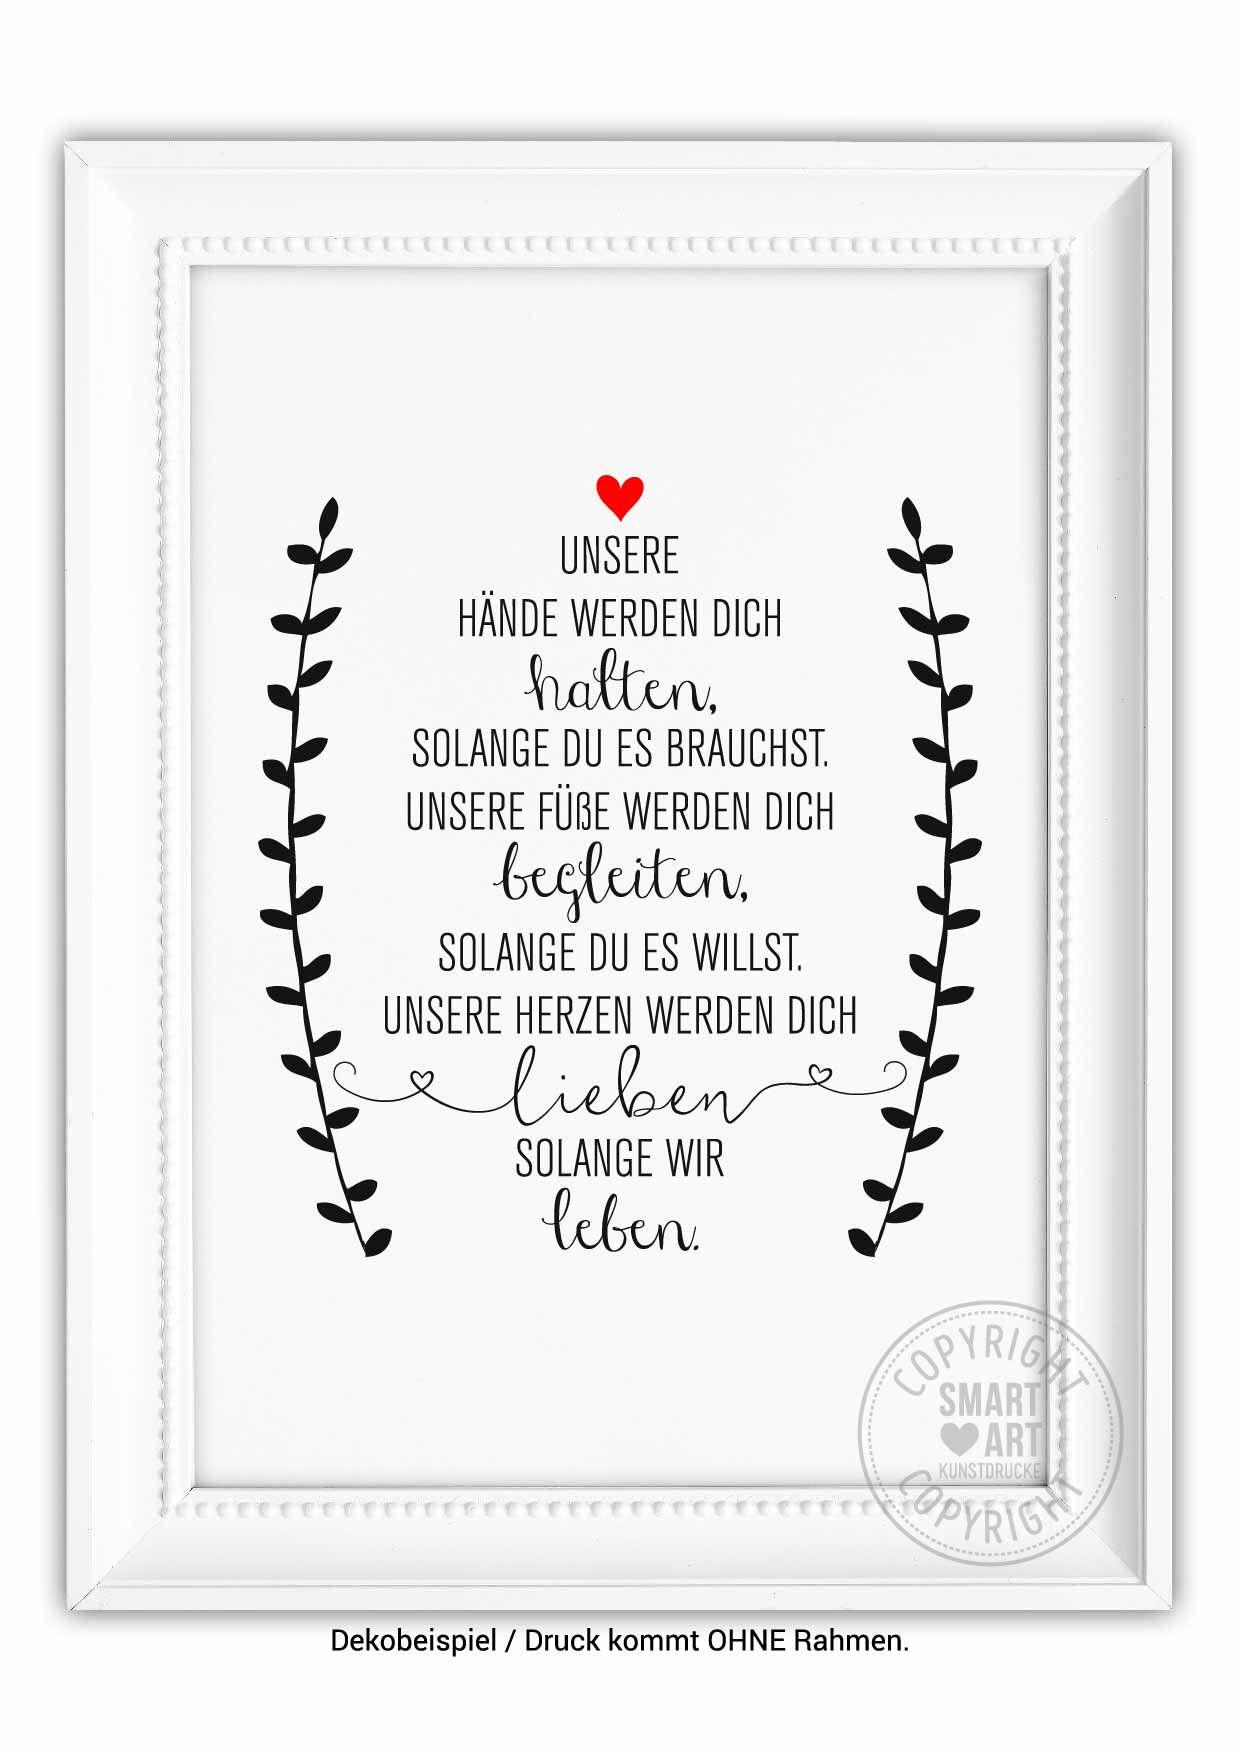 Wir lieben Dich Smart Art Kunstdrucke Geschenk Poster Bild Kunst Taufe Deko Kinderzimmer Geburt